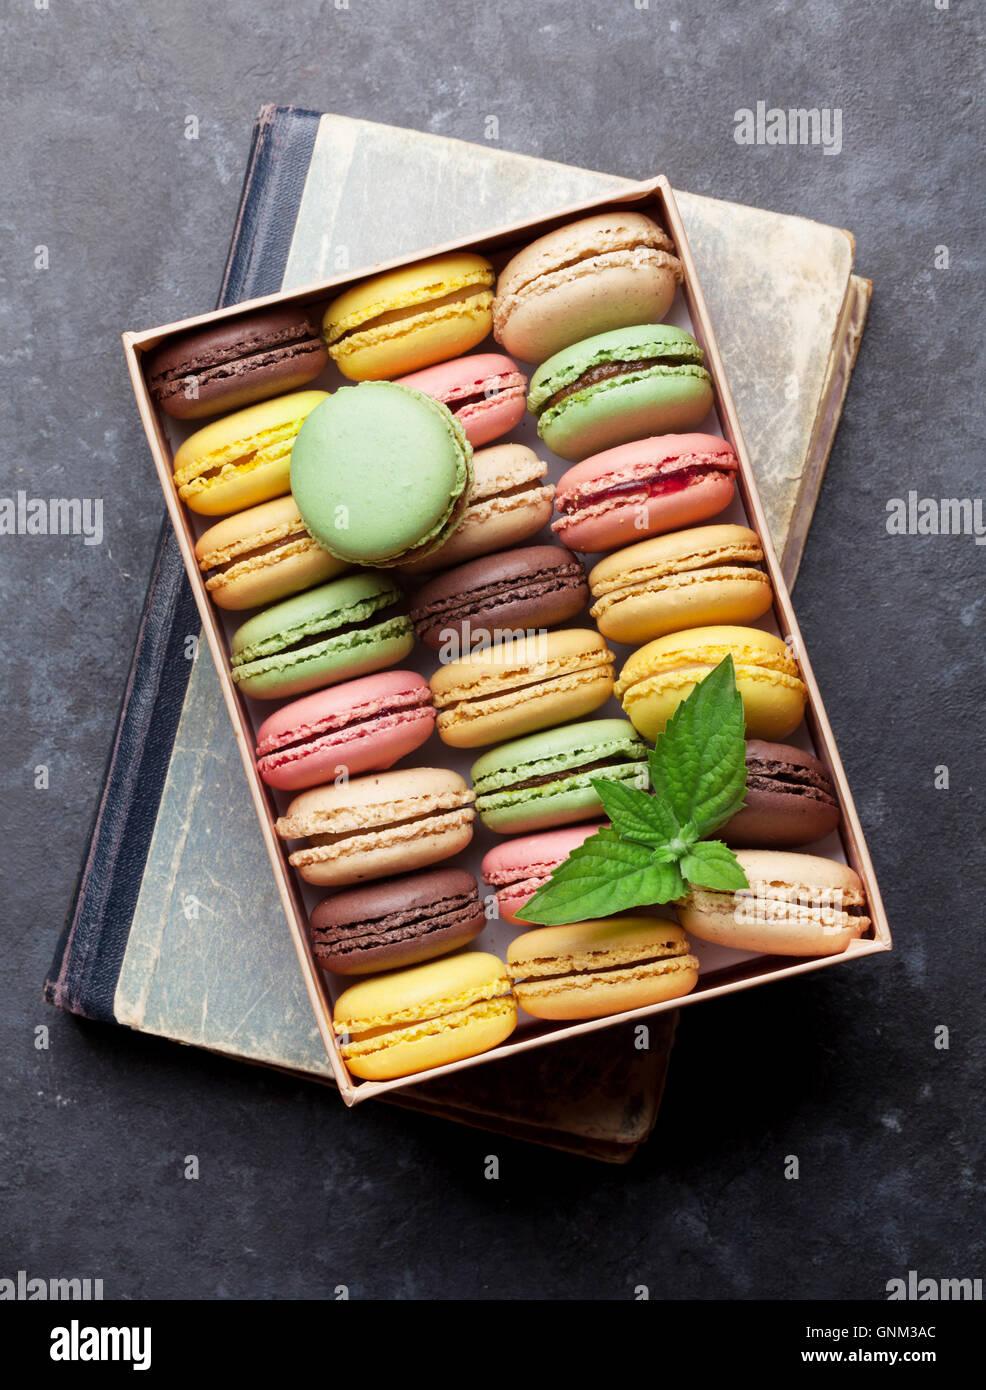 Bunte Macarons in einer Geschenkbox am Steintisch. Süßen Macarons. Ansicht von oben Stockbild